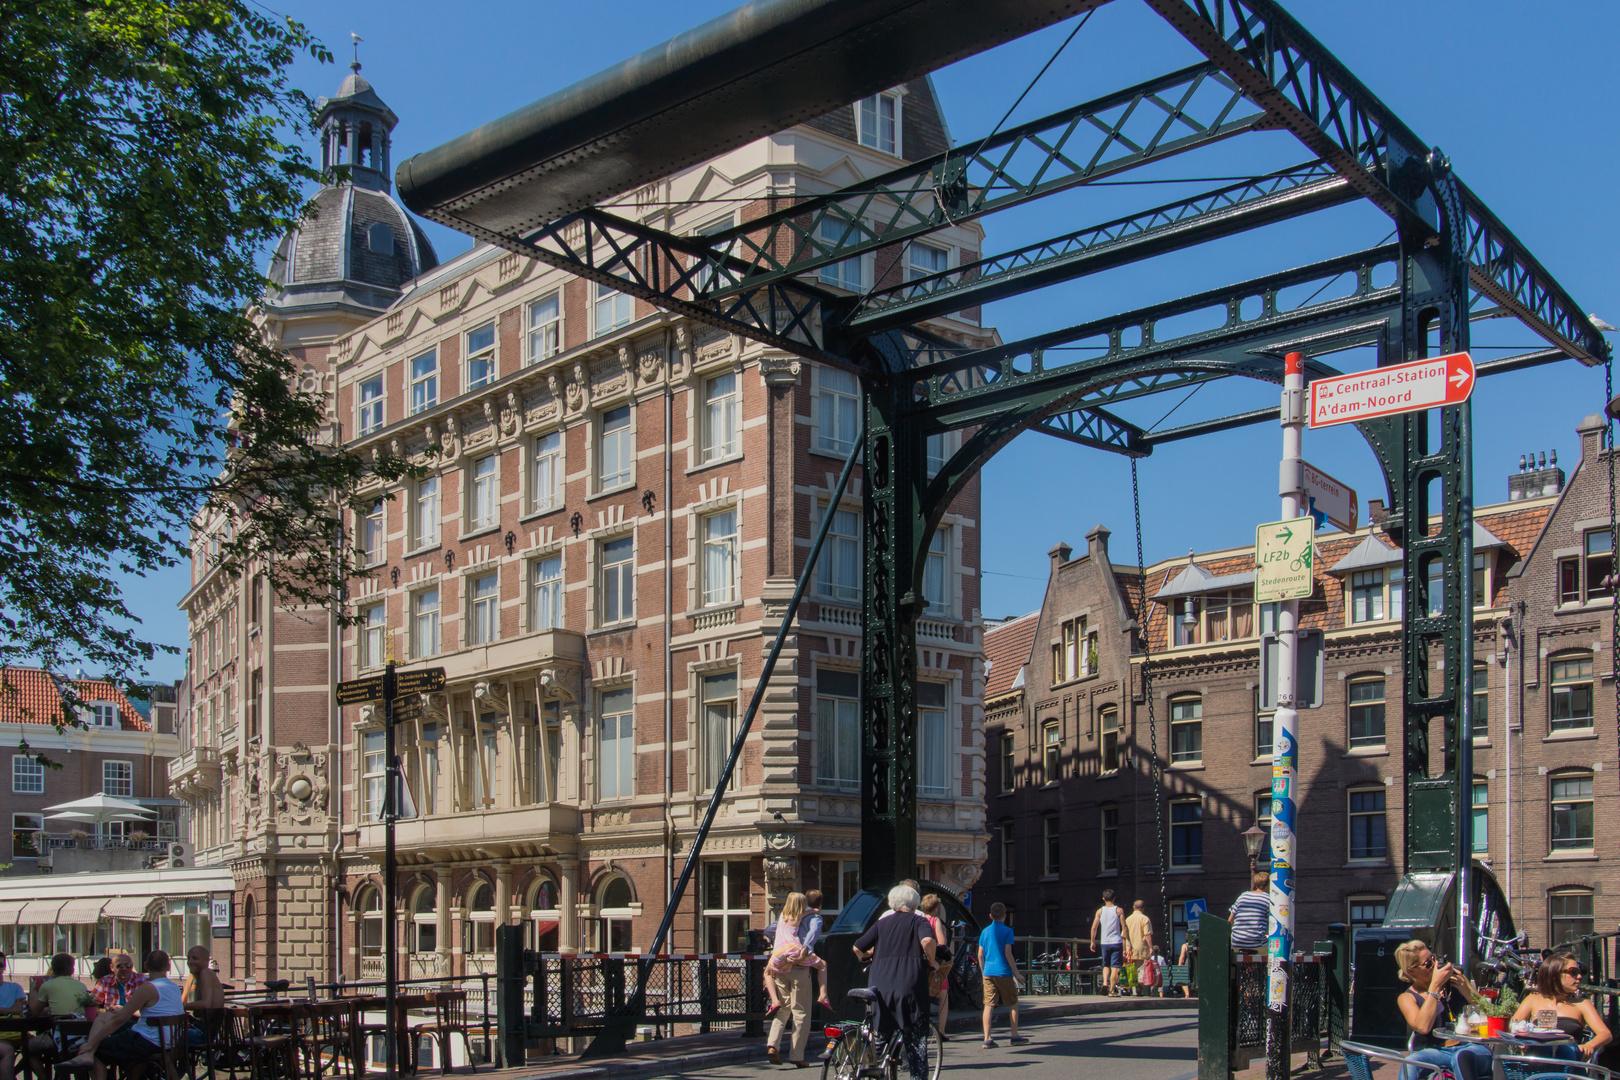 Gracht mit Zugbrücke - Amsterdam